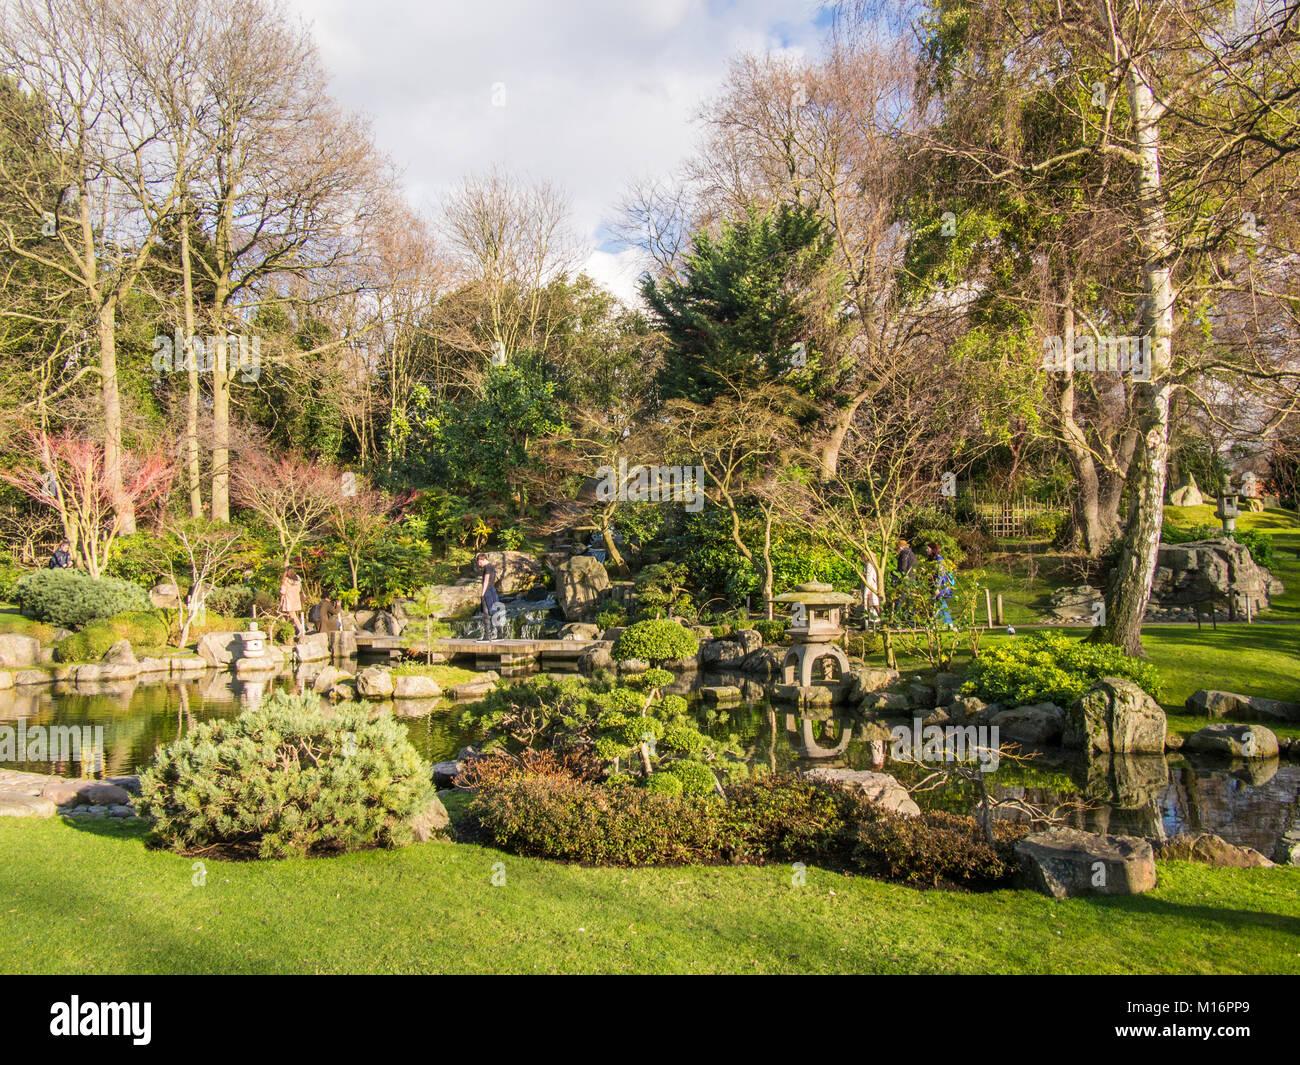 Kyoto Garden Holland Park London Stock Photos & Kyoto Garden Holland ...